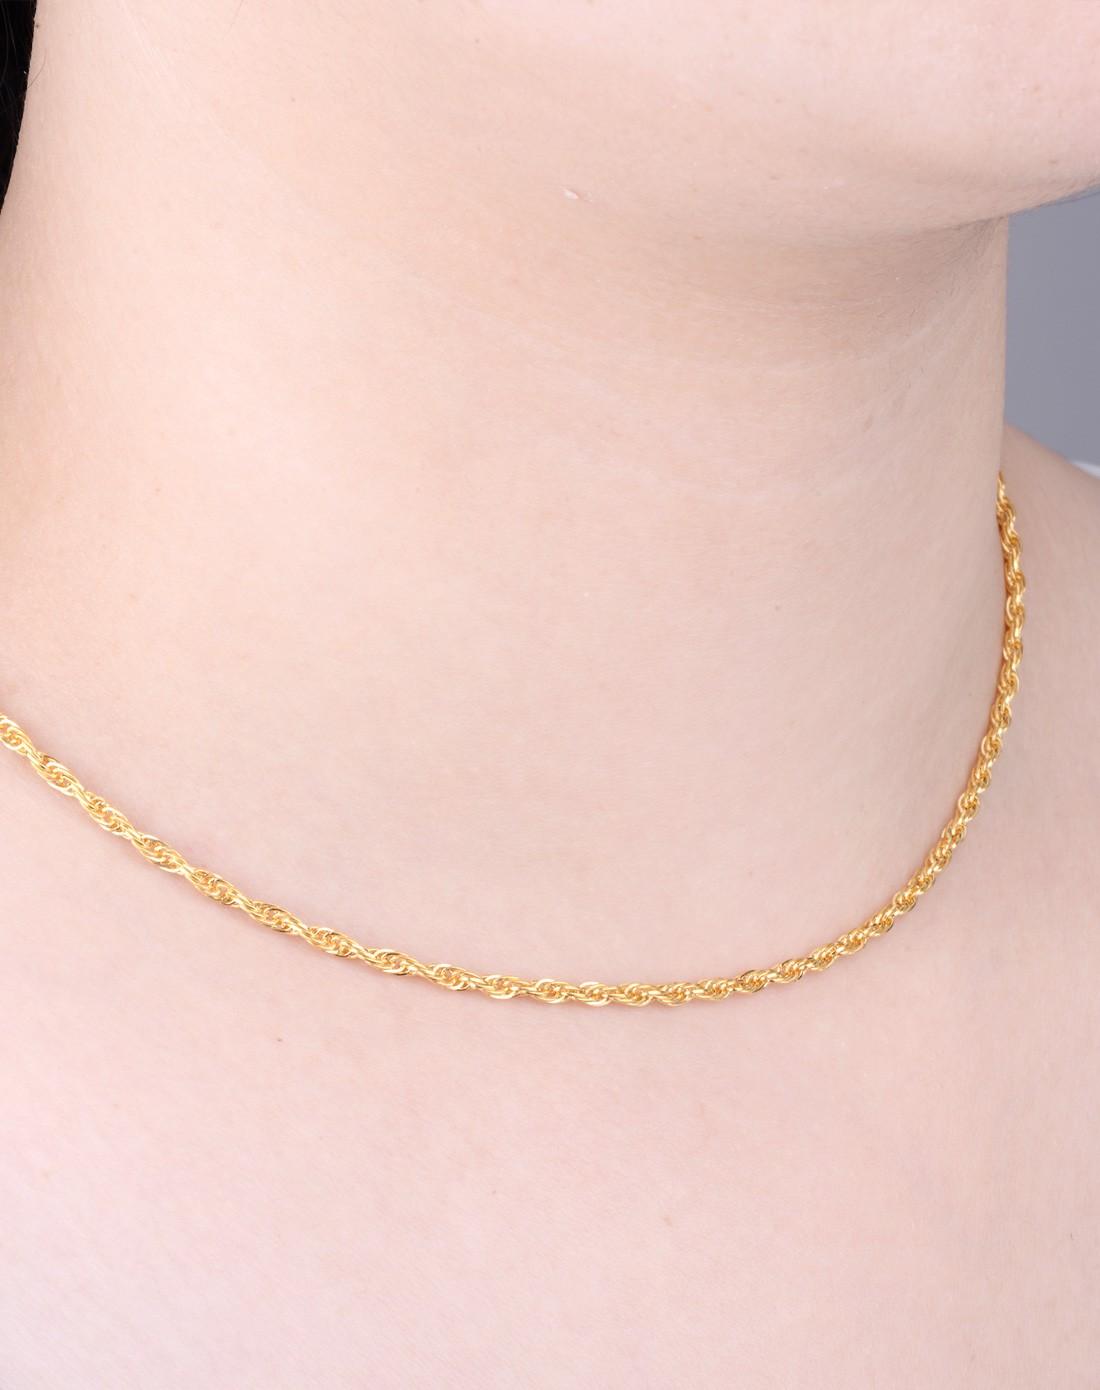 千足金黄金项链0103071男士女士简约绳子链(7.54克)